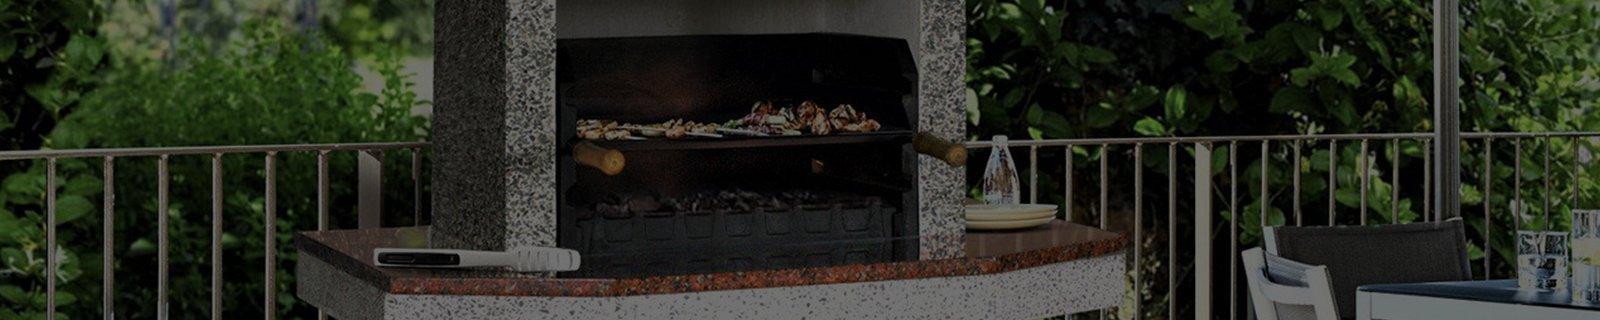 Гриль барбекю цены, купить в интернет — магазине │ Kaminoff.ua